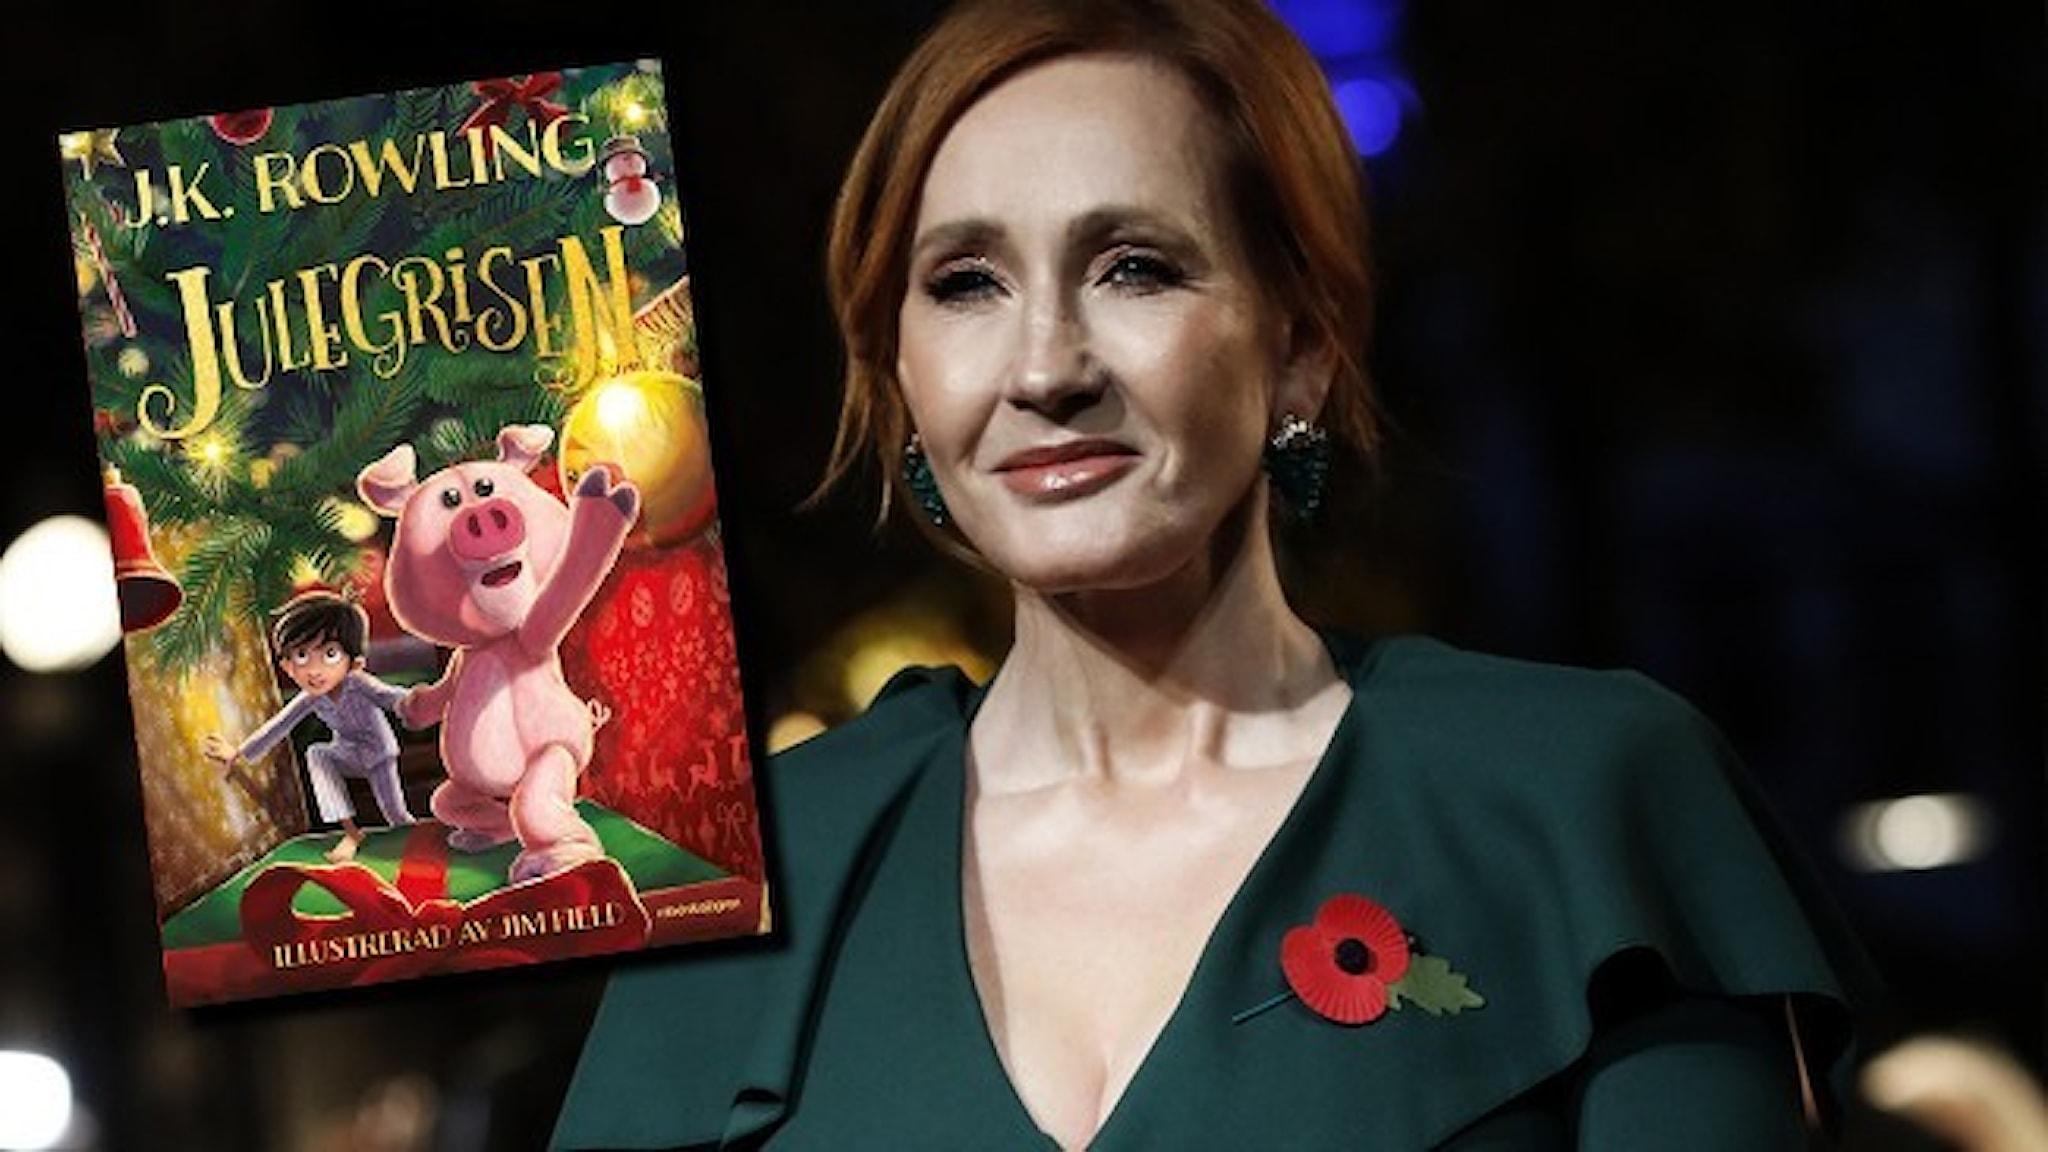 Porträtt av författaren JK Rowling, fint klädd i mörkgrön blus. Infällt är omslaget till hennes nya bok Julegrisen.